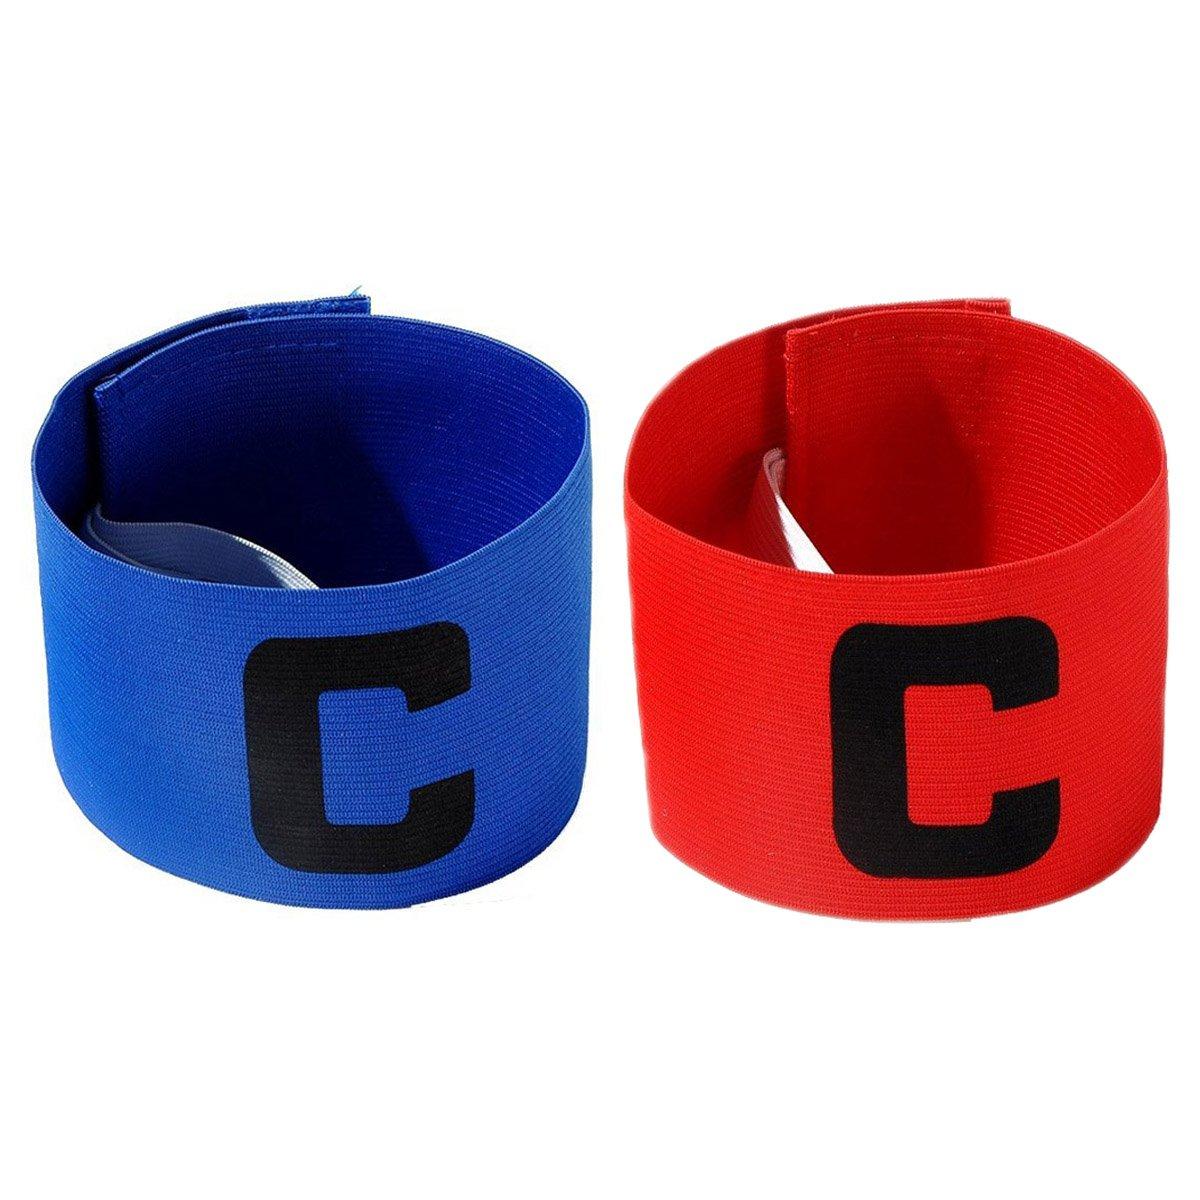 cjixnji Fußball Captain Armband,Junior Fußball Elastic Armbinden für Kinder, Klettverschluss für verstellbare Größe, geeignet für mehrere Sportarten wie Fußball & Rugby von